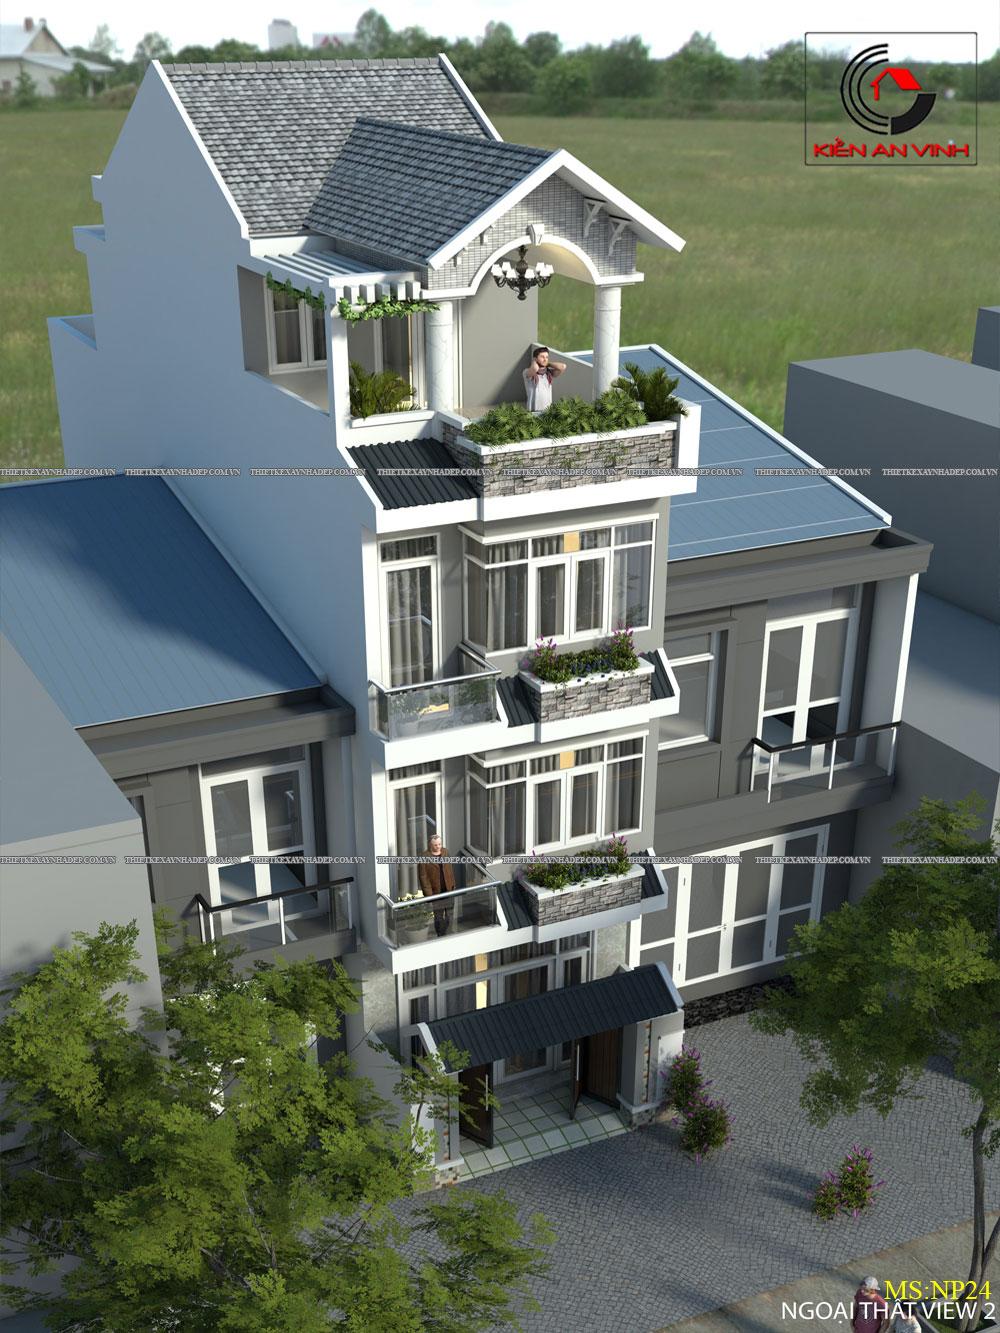 Mẫu thiết kế nhà 2 tầng 1 tum đẹp dt 5x20m ở tỉnh An Giang Thiet-ke-nha-2-tang-5x20m